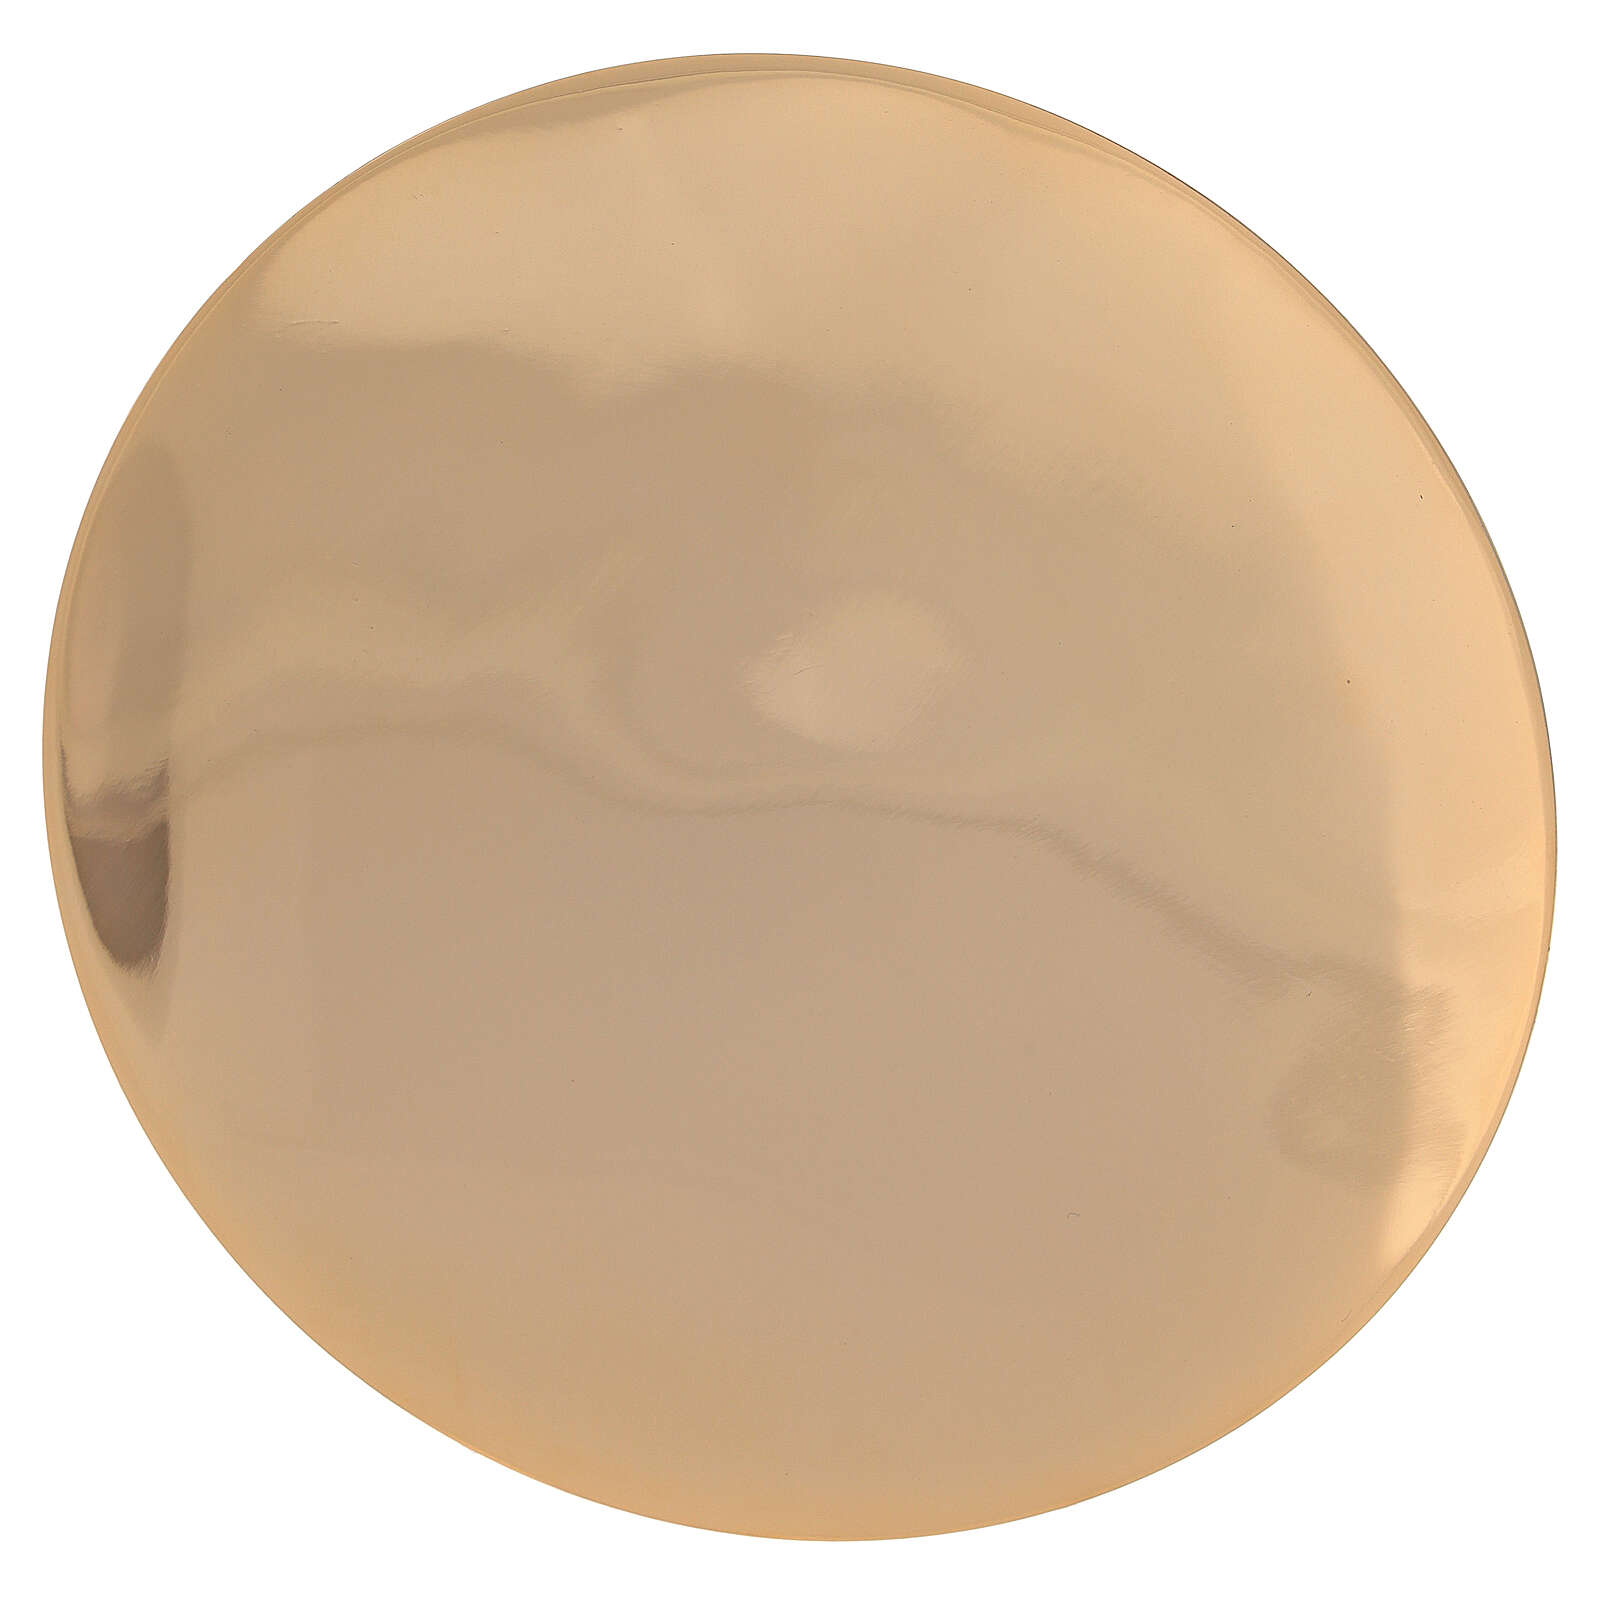 Calice patena ottone dorato zigrinato righe 18,5 cm 4